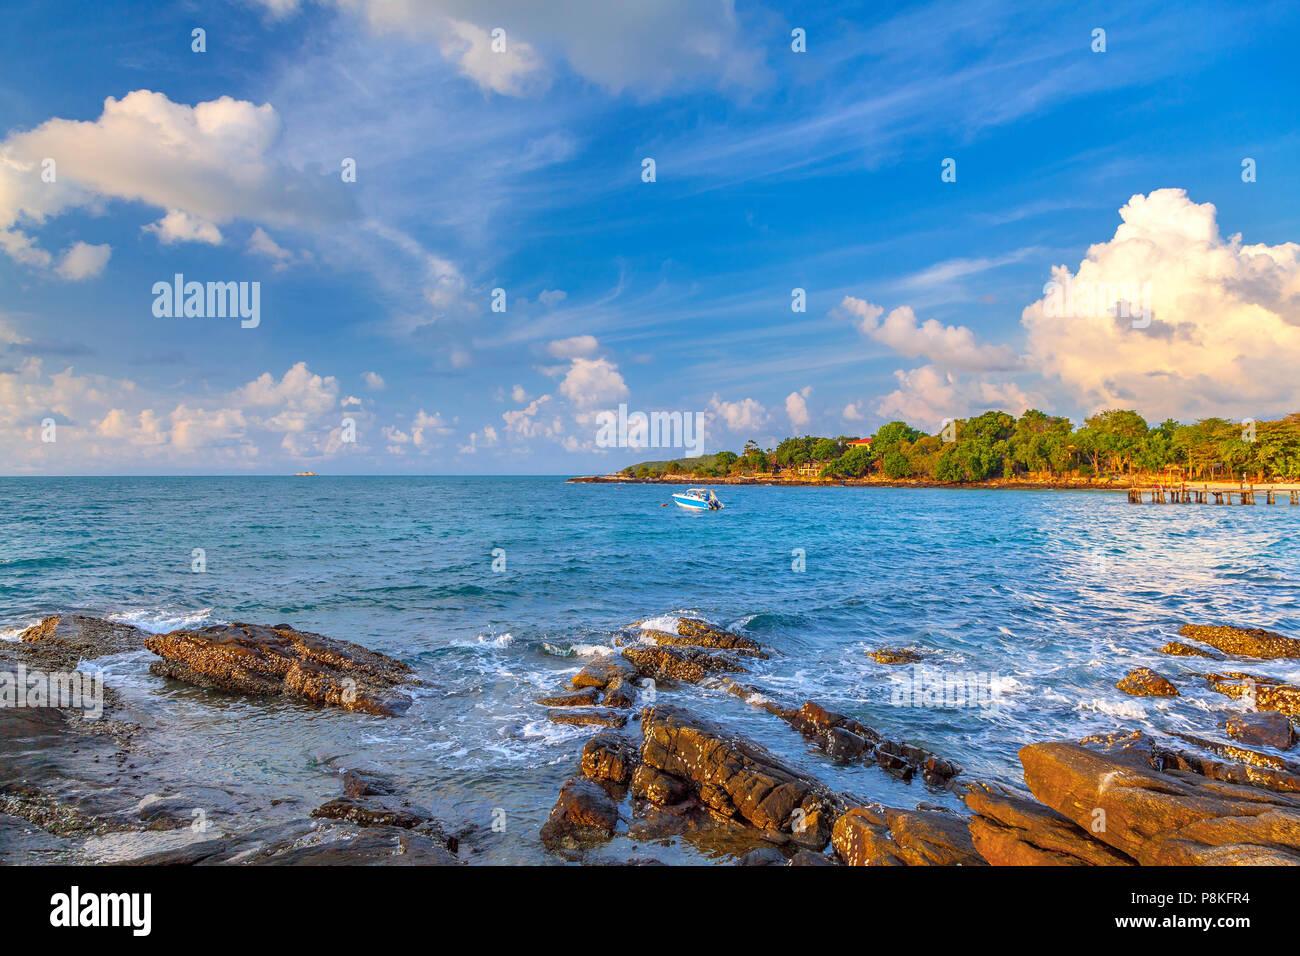 Lever du soleil sur l'île de Koh Samad en Thaïlande. Photo Stock